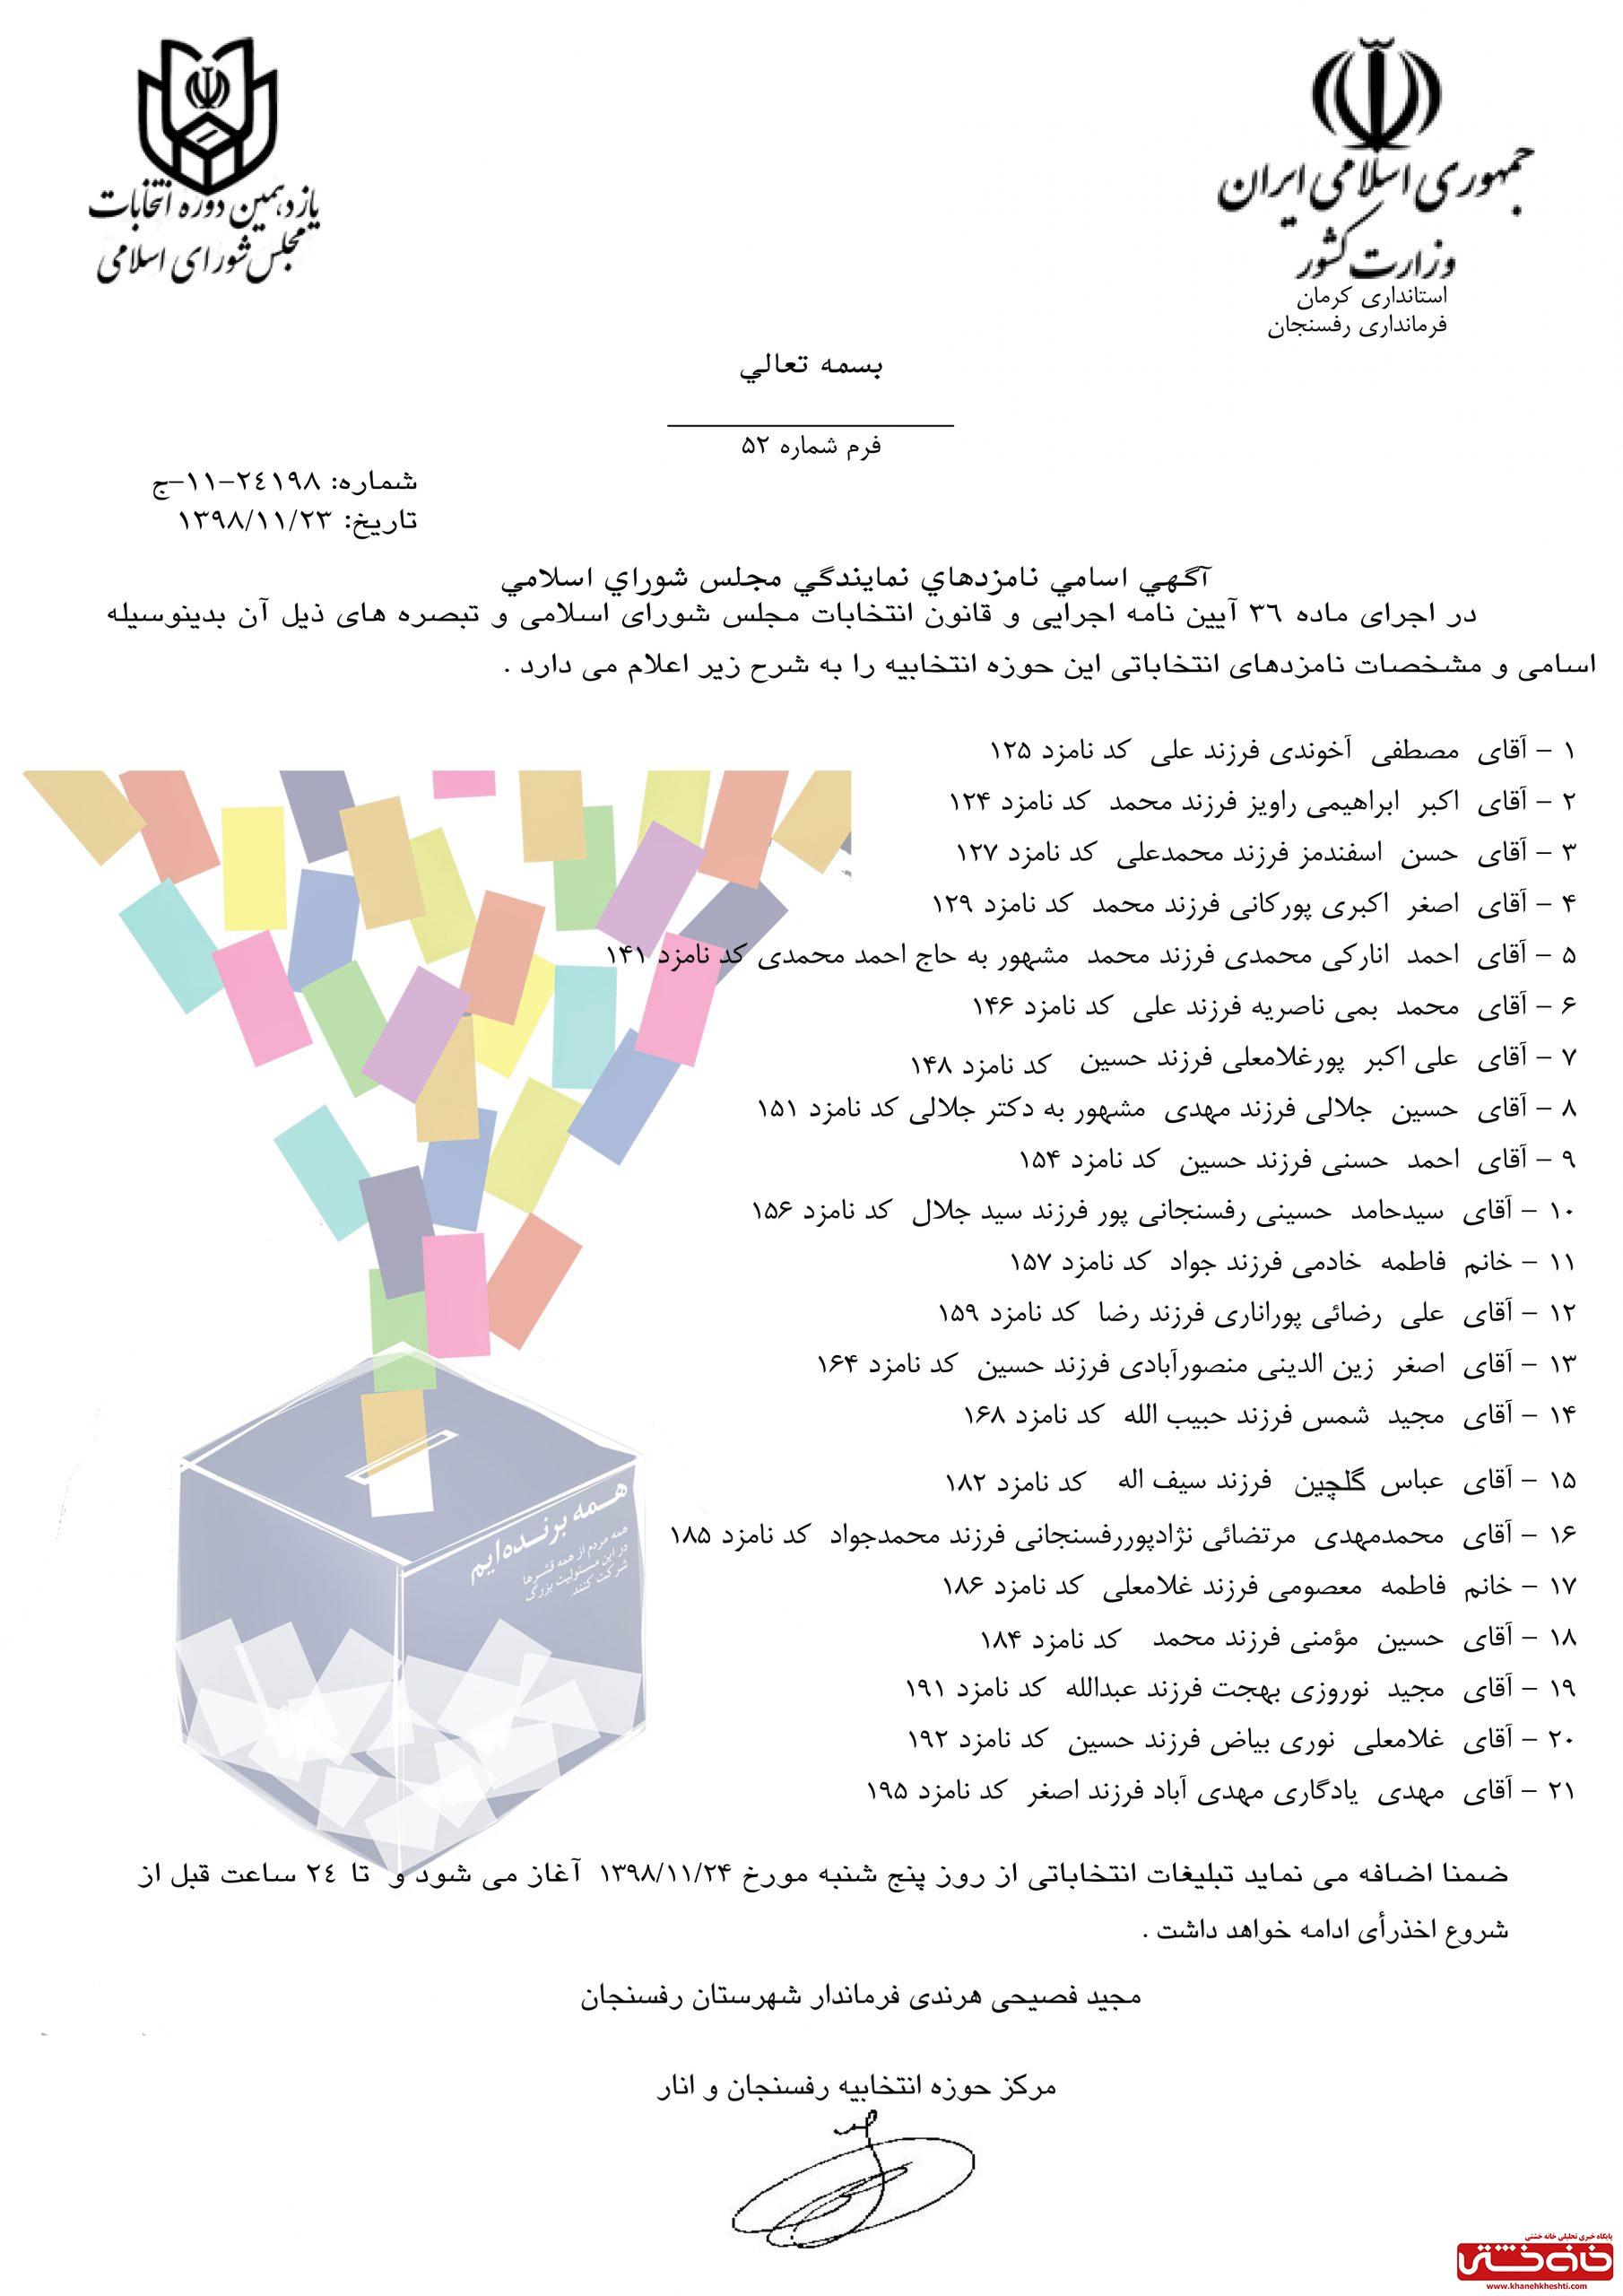 اسامی نامزدهای یازدهمین دوره نمایندگی مجلس شورای اسلامی در حوزه انتخابیه شهرستانهای رفسنجان و انار